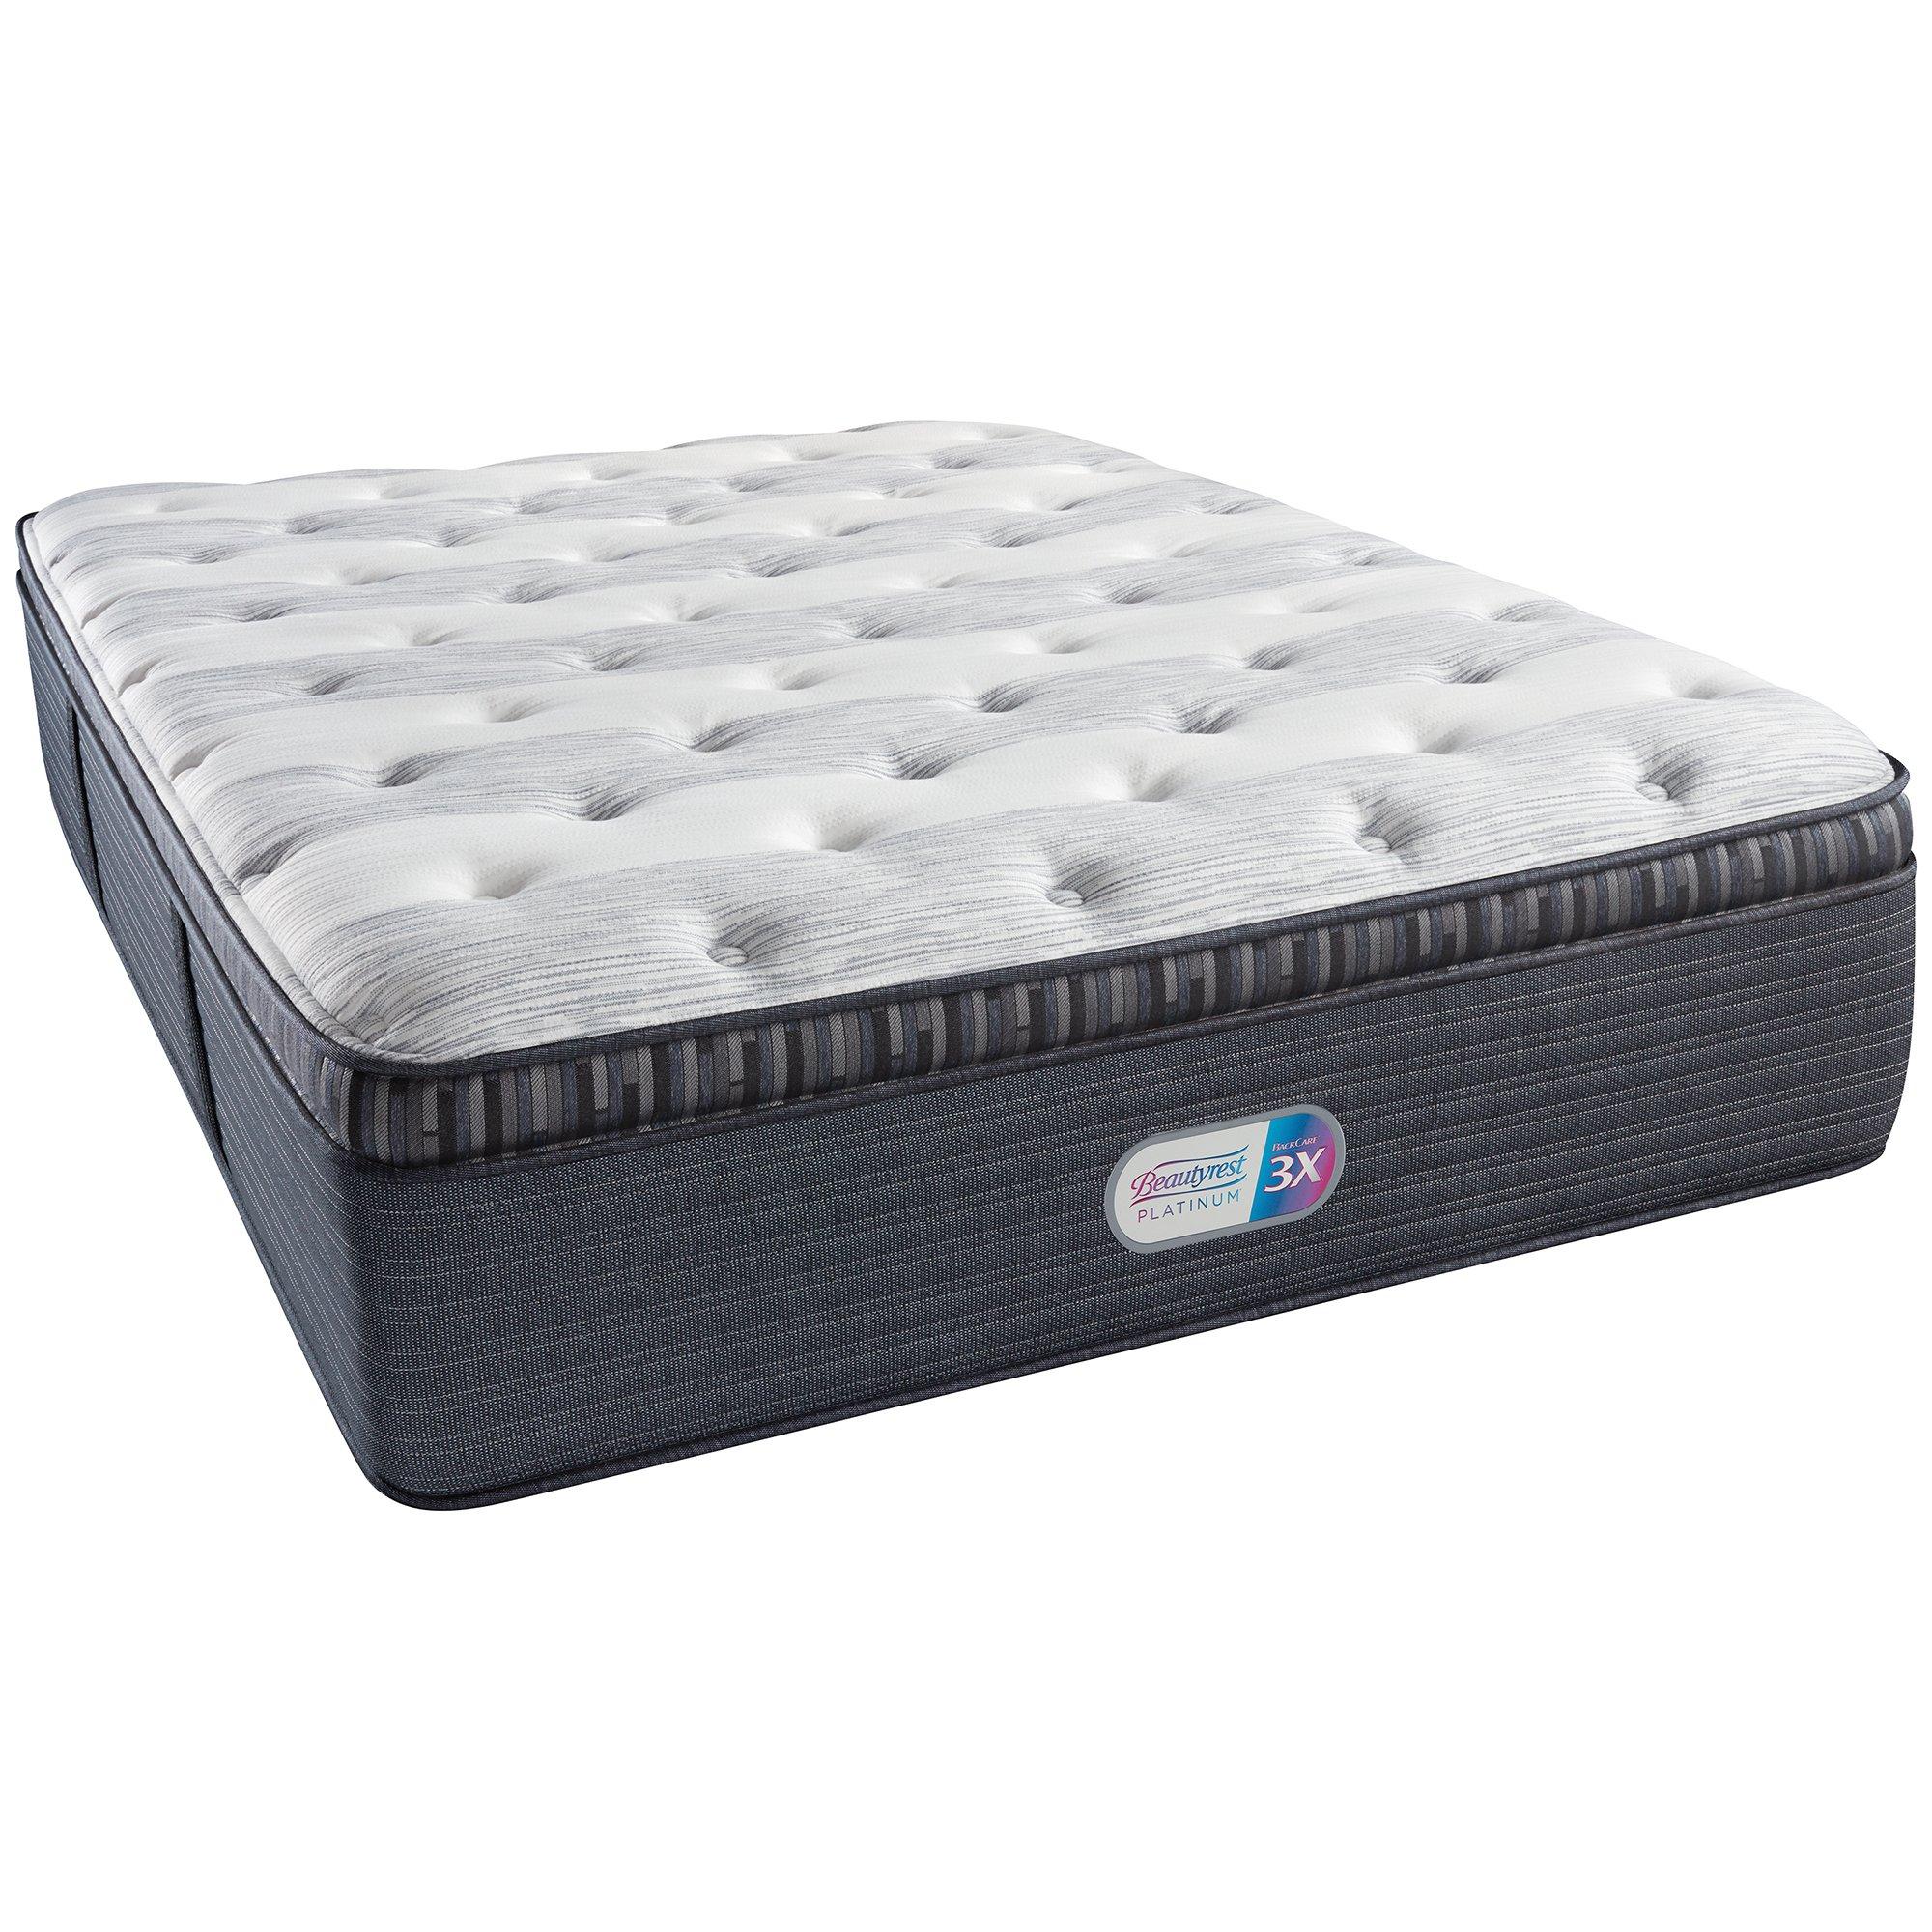 Beautyrest 16'' Haven Pines Firm Pillow Top Mattress, Queen by Beautyrest